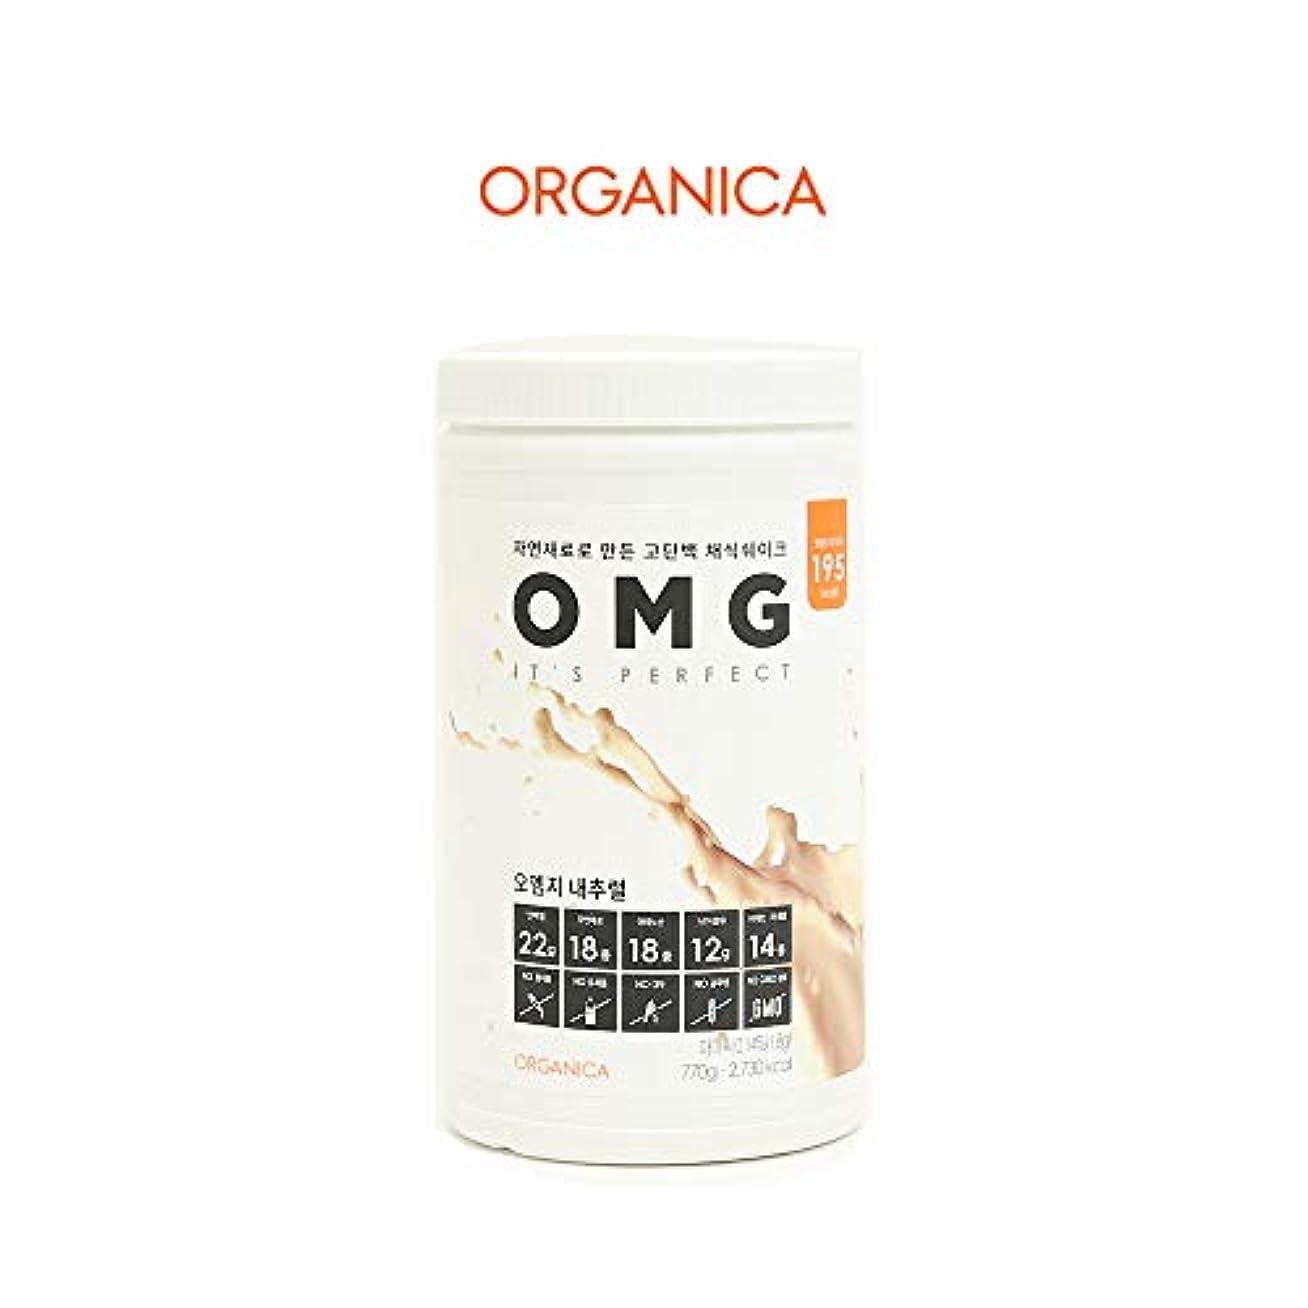 付与バング定期的オーエムジー タンパク質 ダイエット シェイク (OMG, protein shake) (ナチュラル)